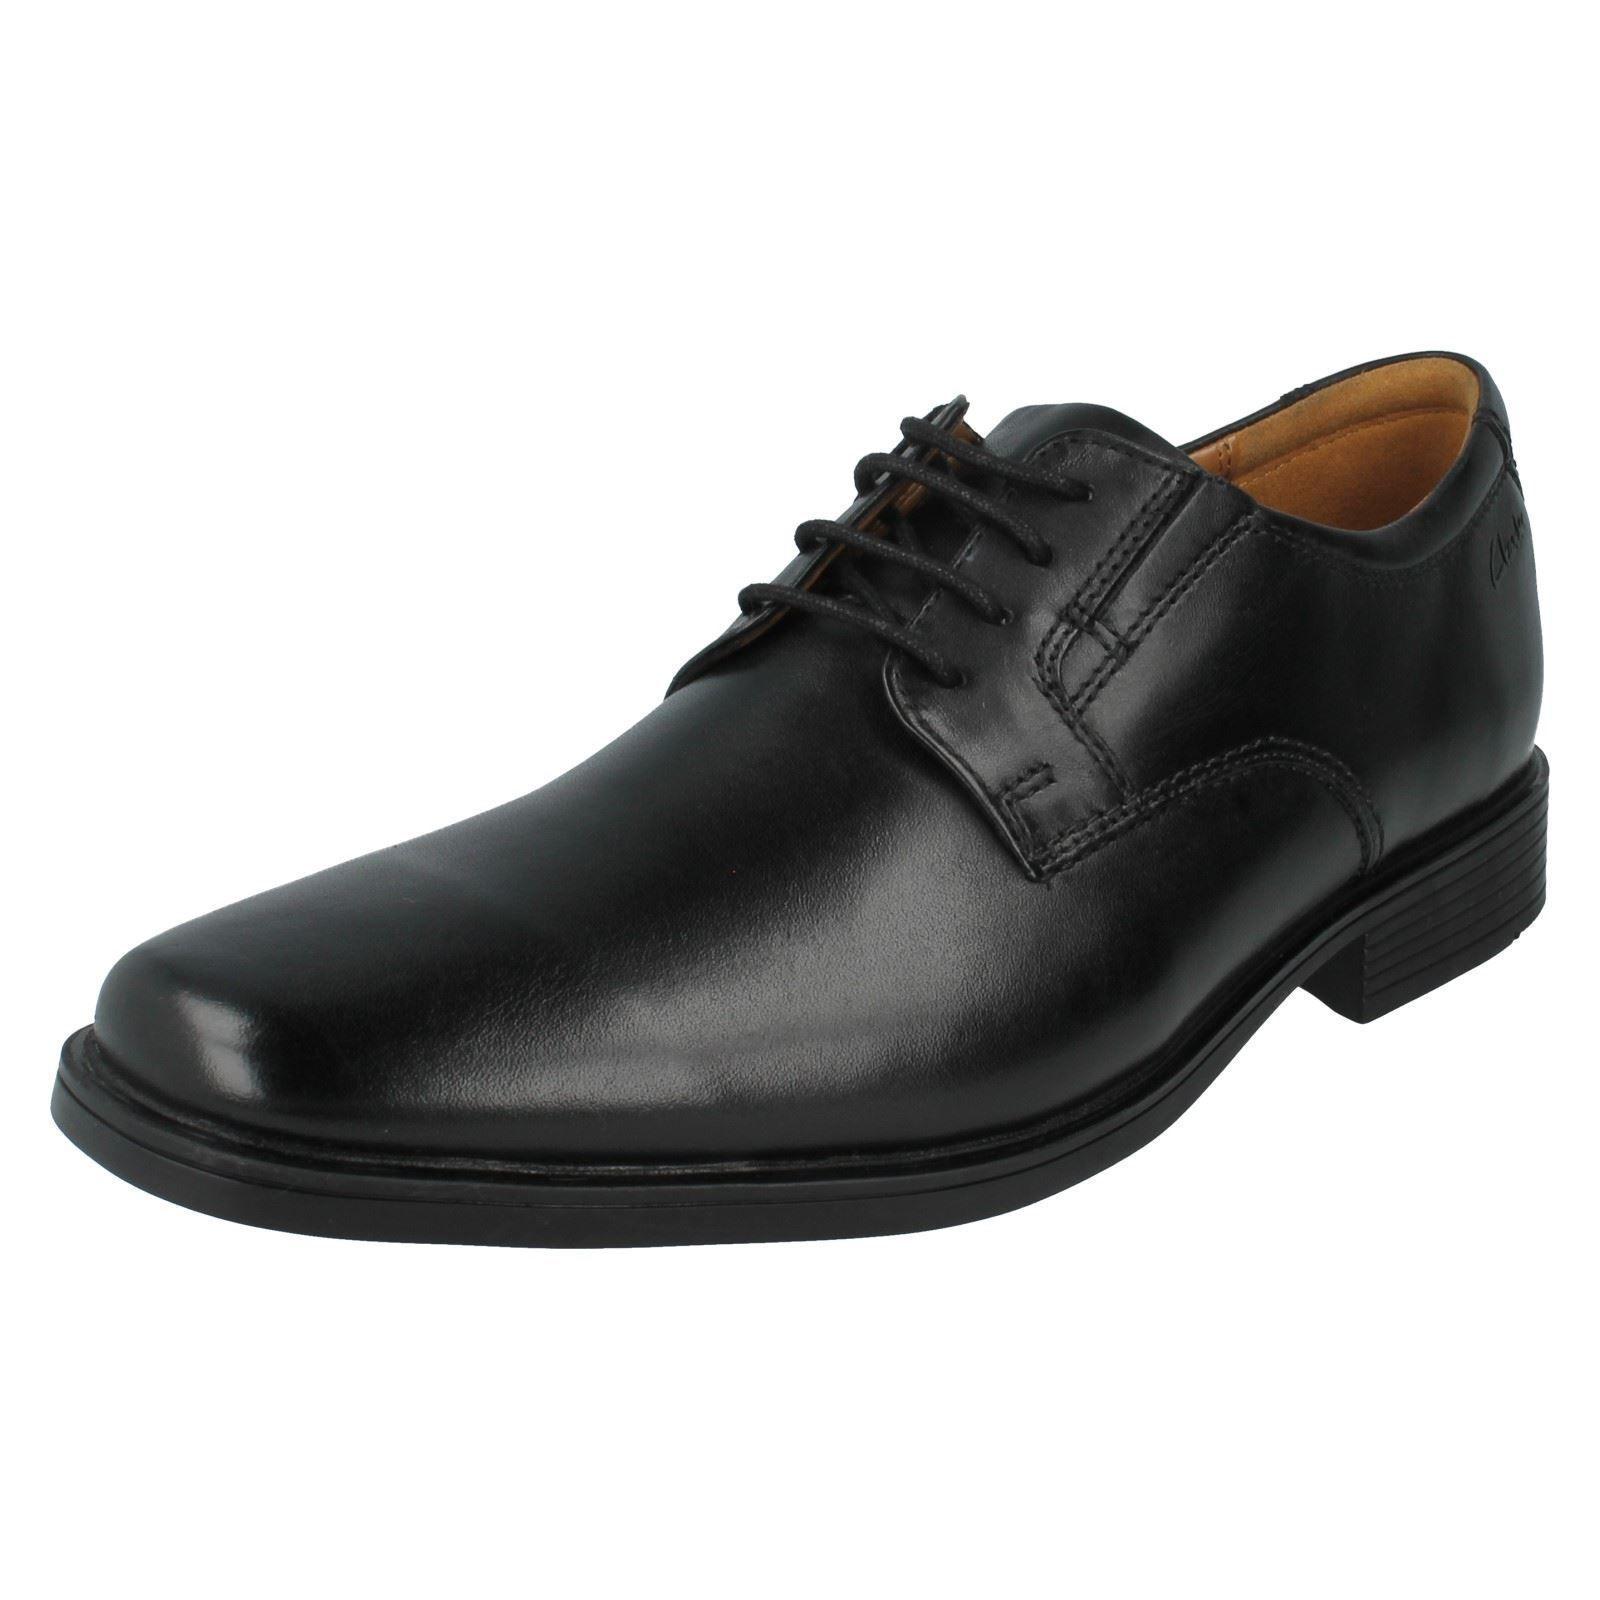 Clarks Tilden Cap Hommes Noir Cuir Chaussures (R38A) (Kett)